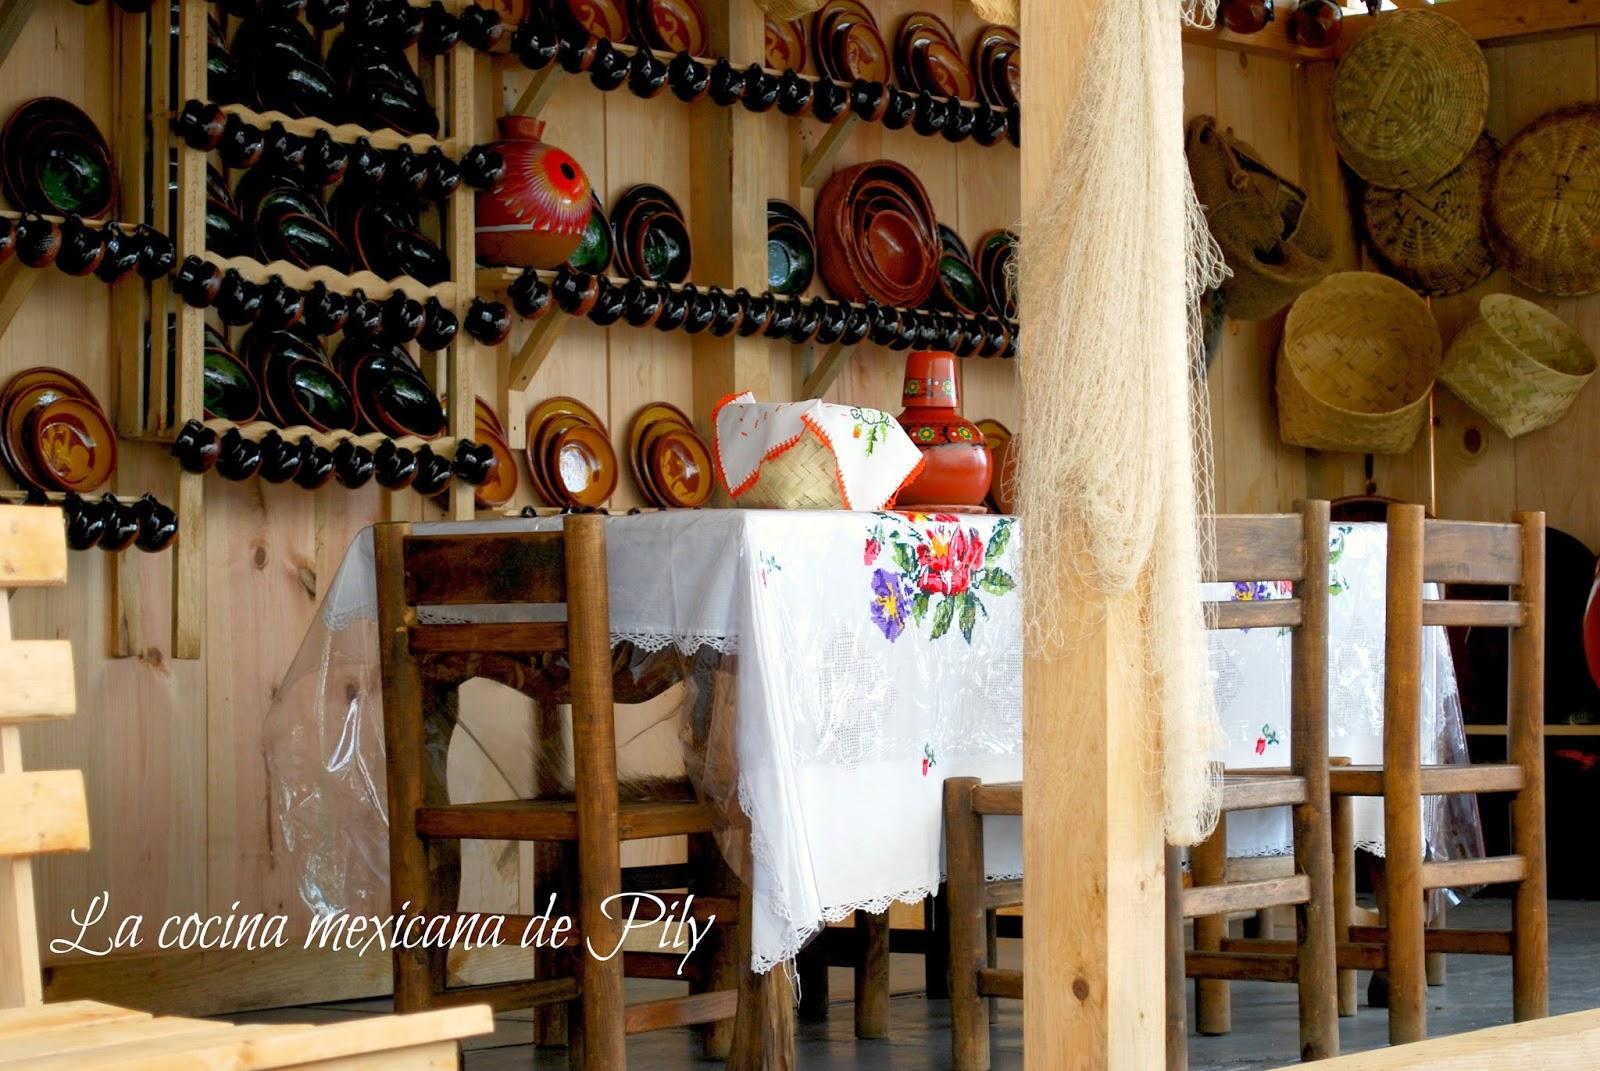 Sencilla rese a del 10 encuentro cocina tradicional - La cocina del 9 ...